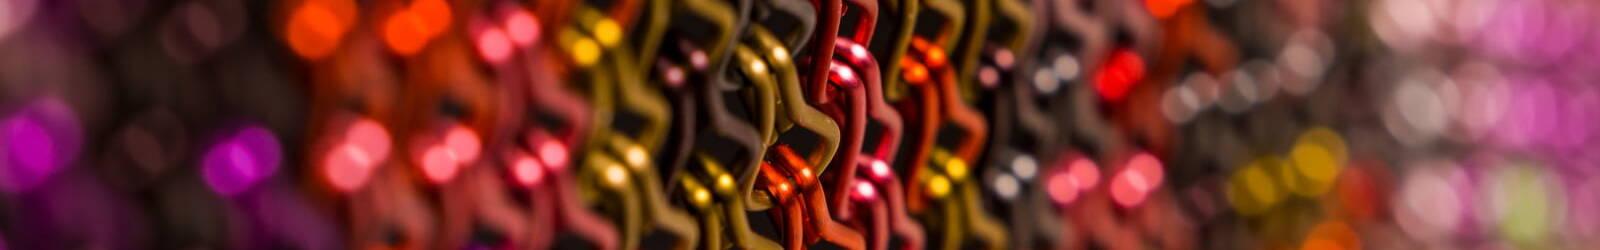 Kolory łańcuszków dekoracyjnych